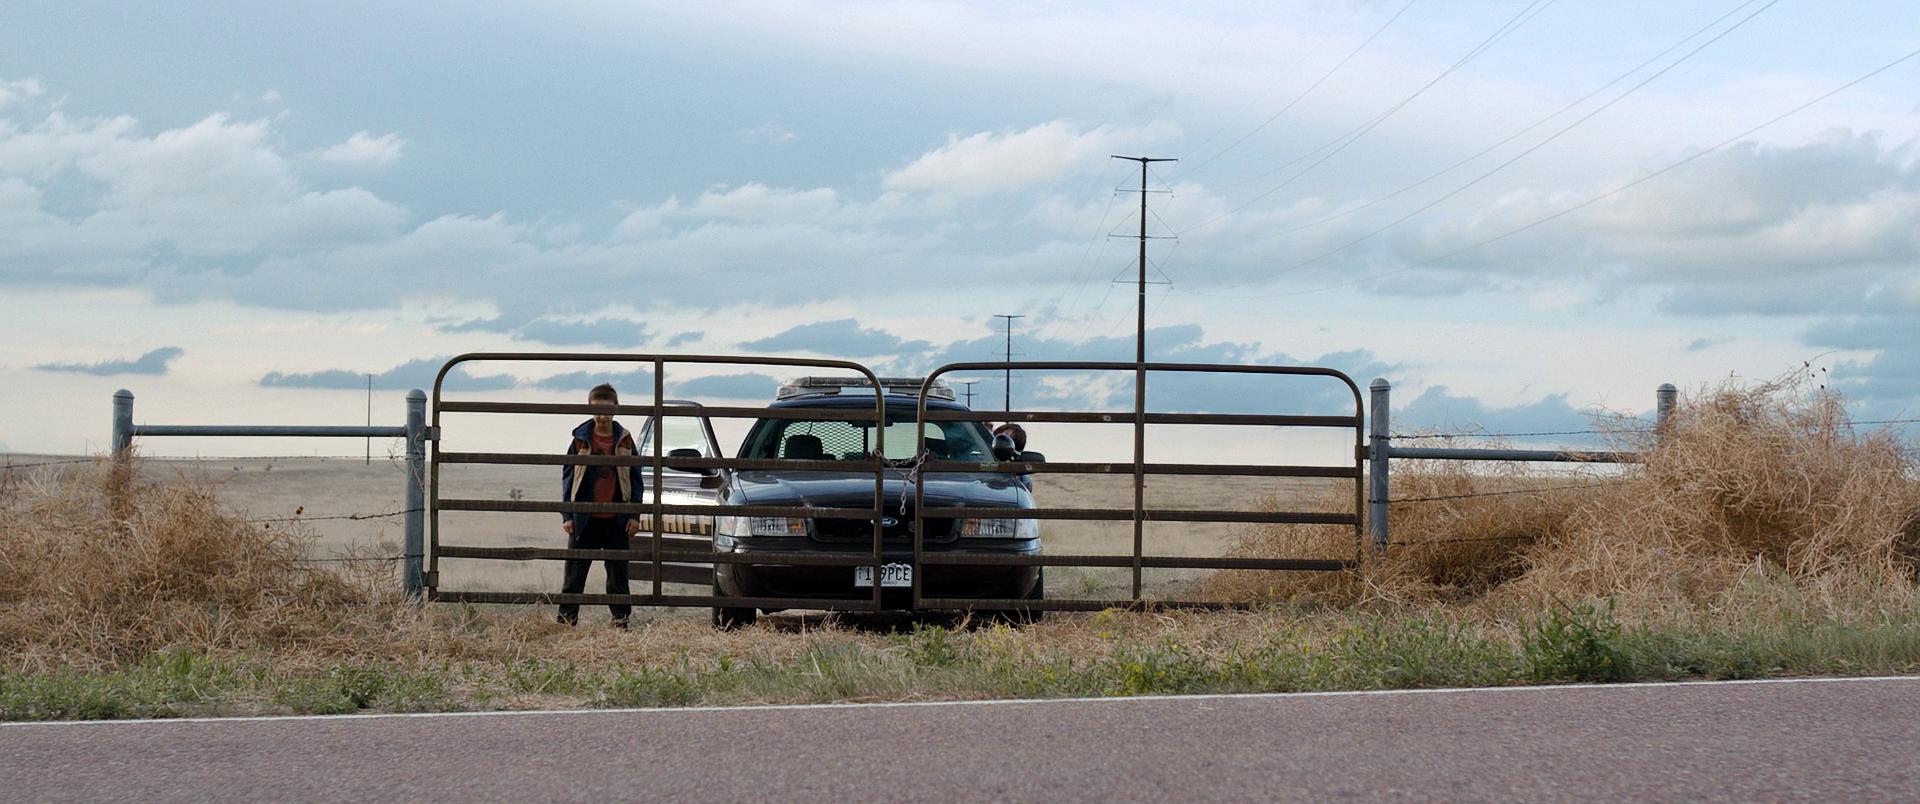 Полицейская тачка / Cop Car (2015) BDRip 1080p | Чадов